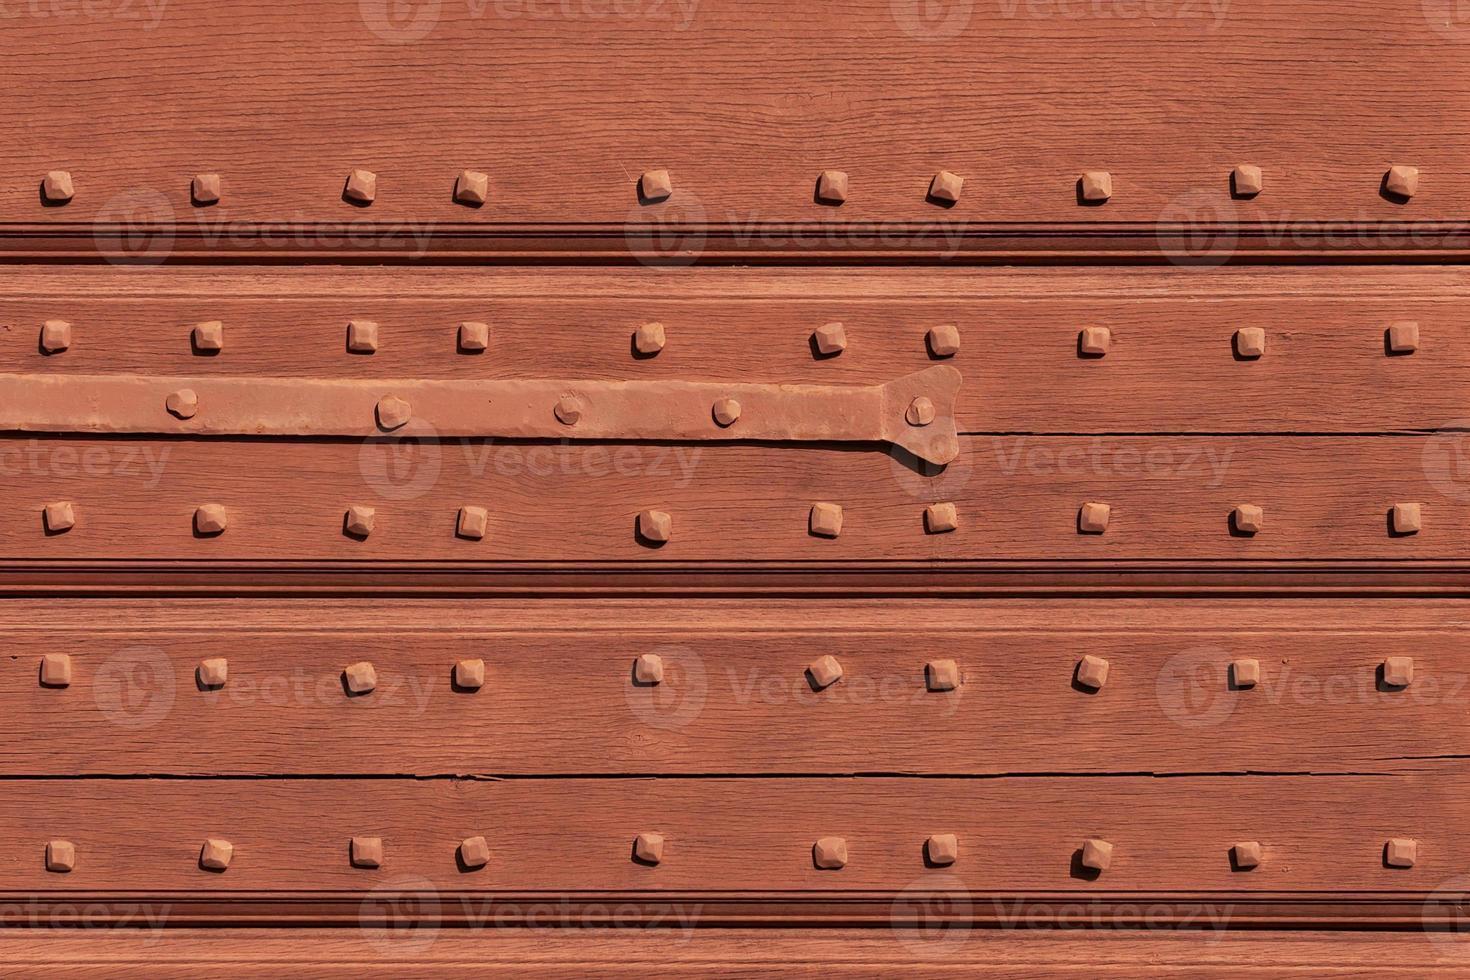 verweerde oude rot houtstructuur met metalen nagels. foto